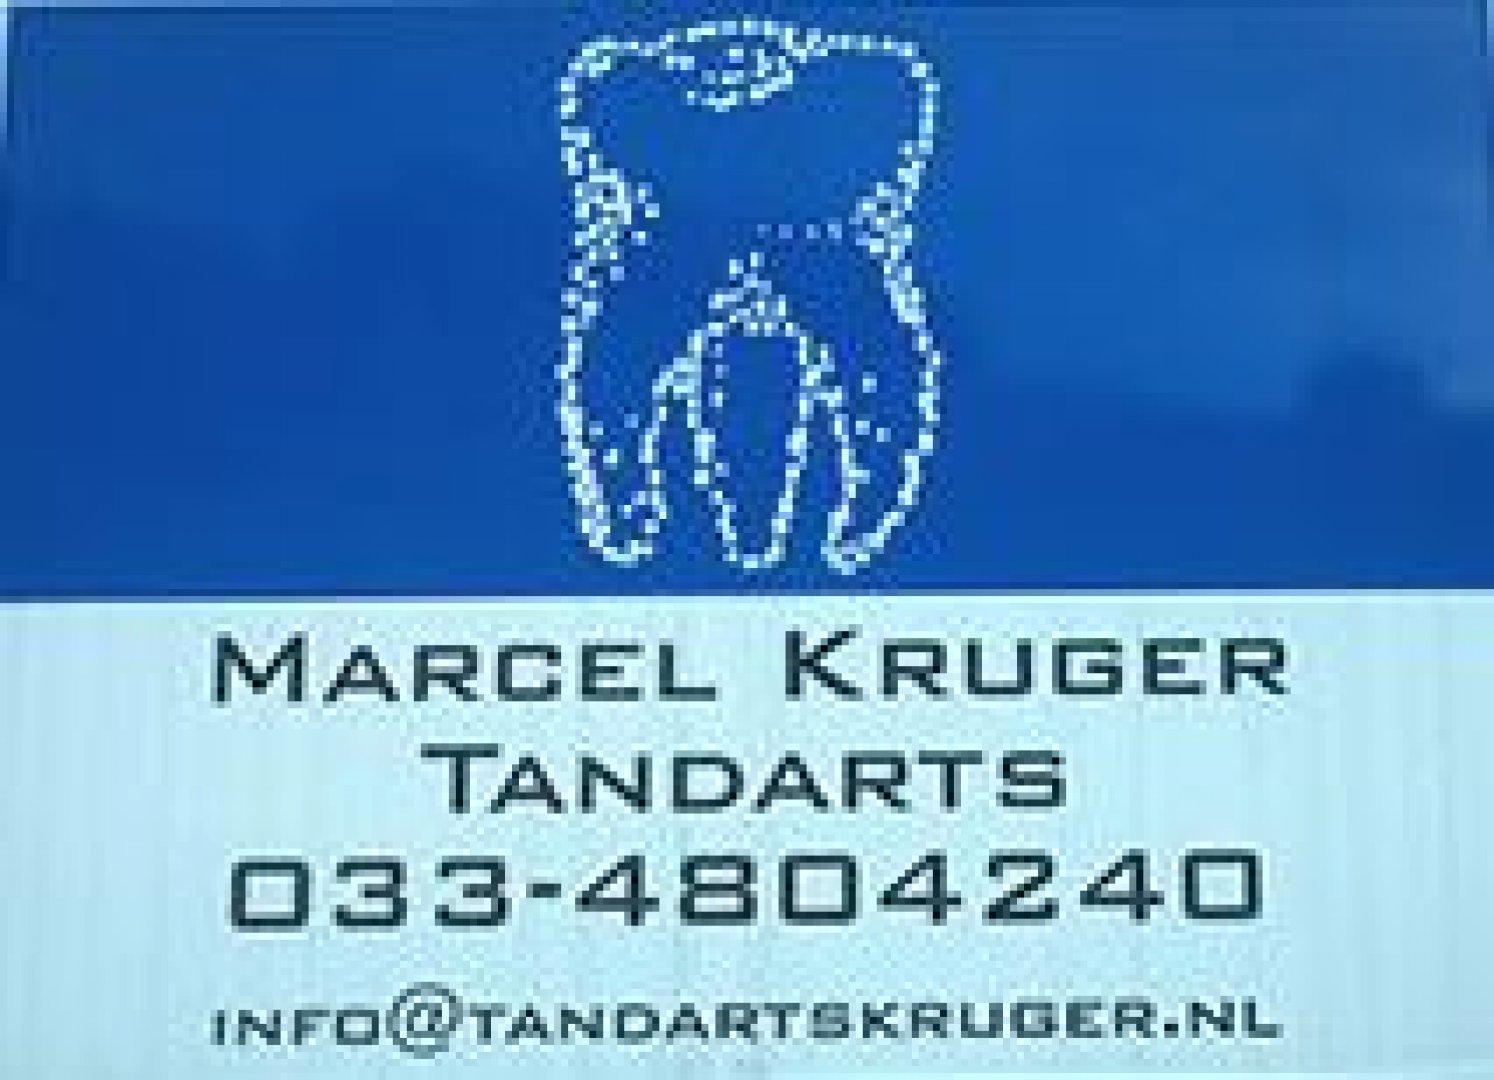 Tandartspraktijk Marcel Kruger